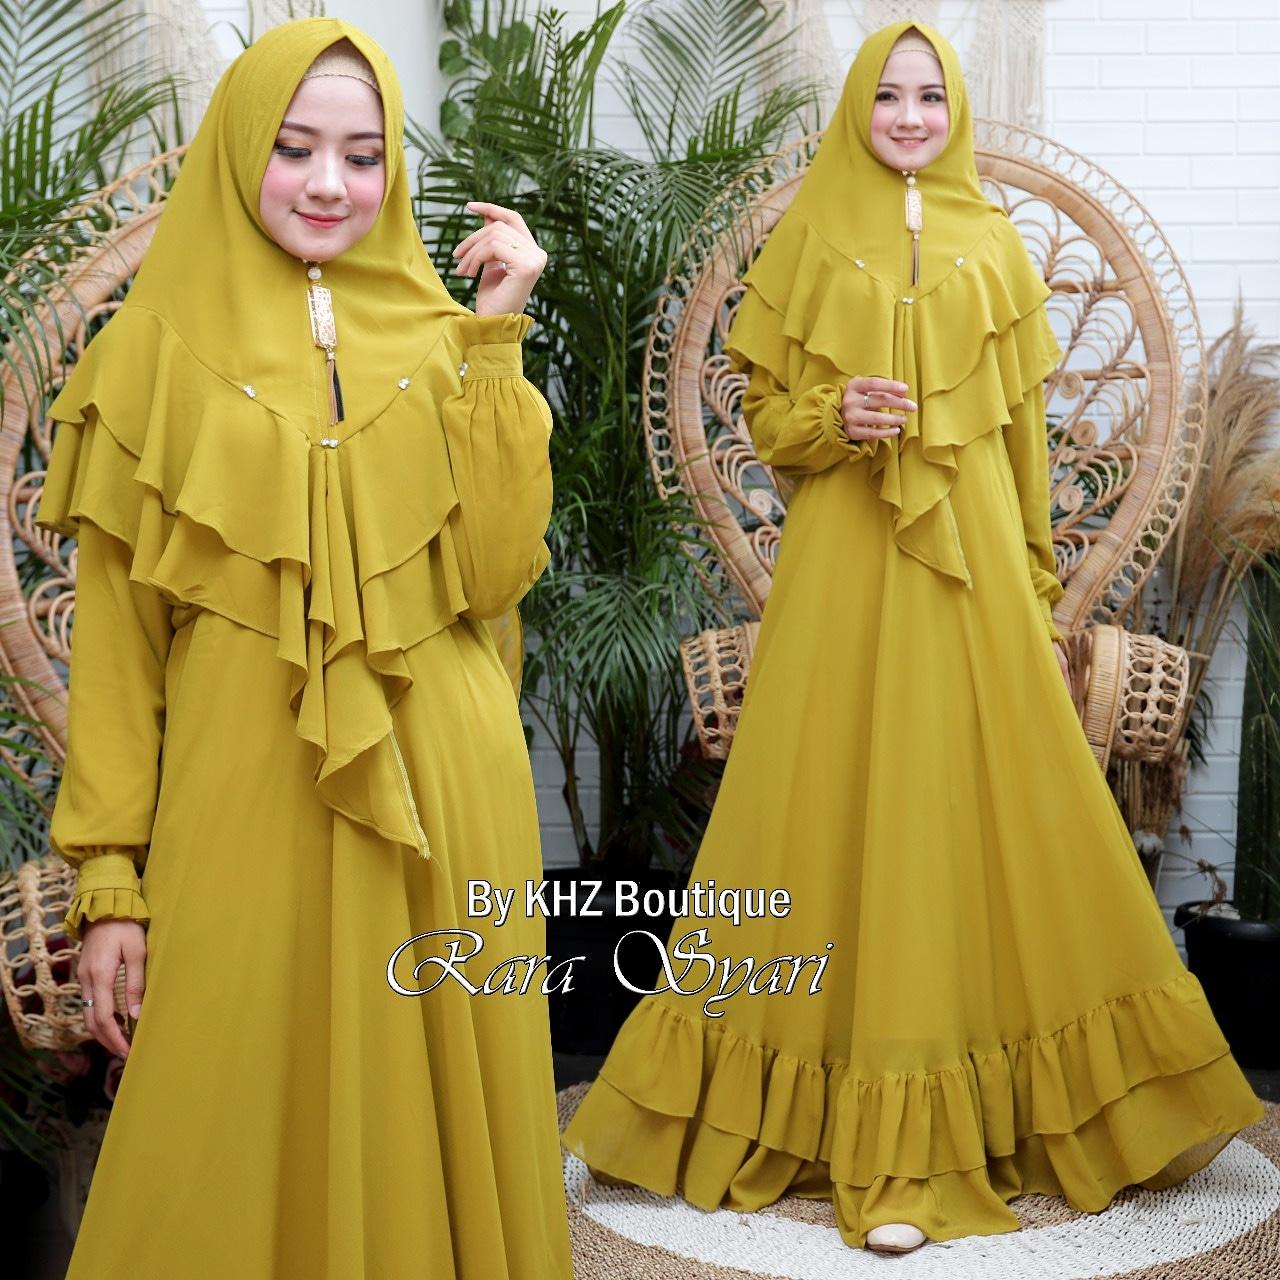 f58b55f7d1b6 RARA SYAR'I VOL 2 BY KHZ BOUTIQUE   Melody Fashion